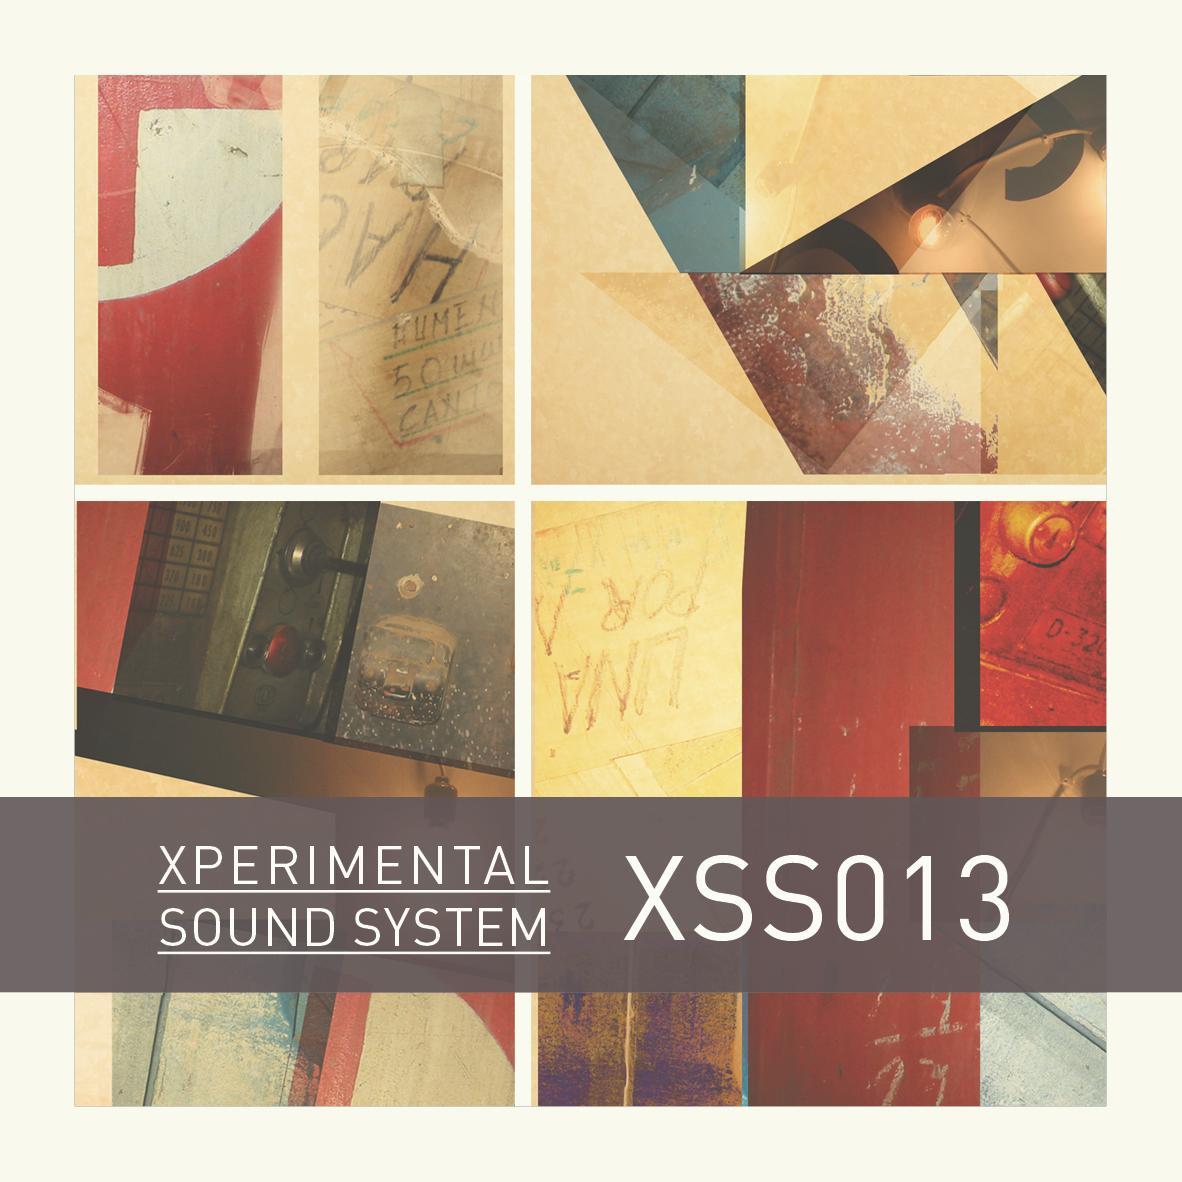 XSS013